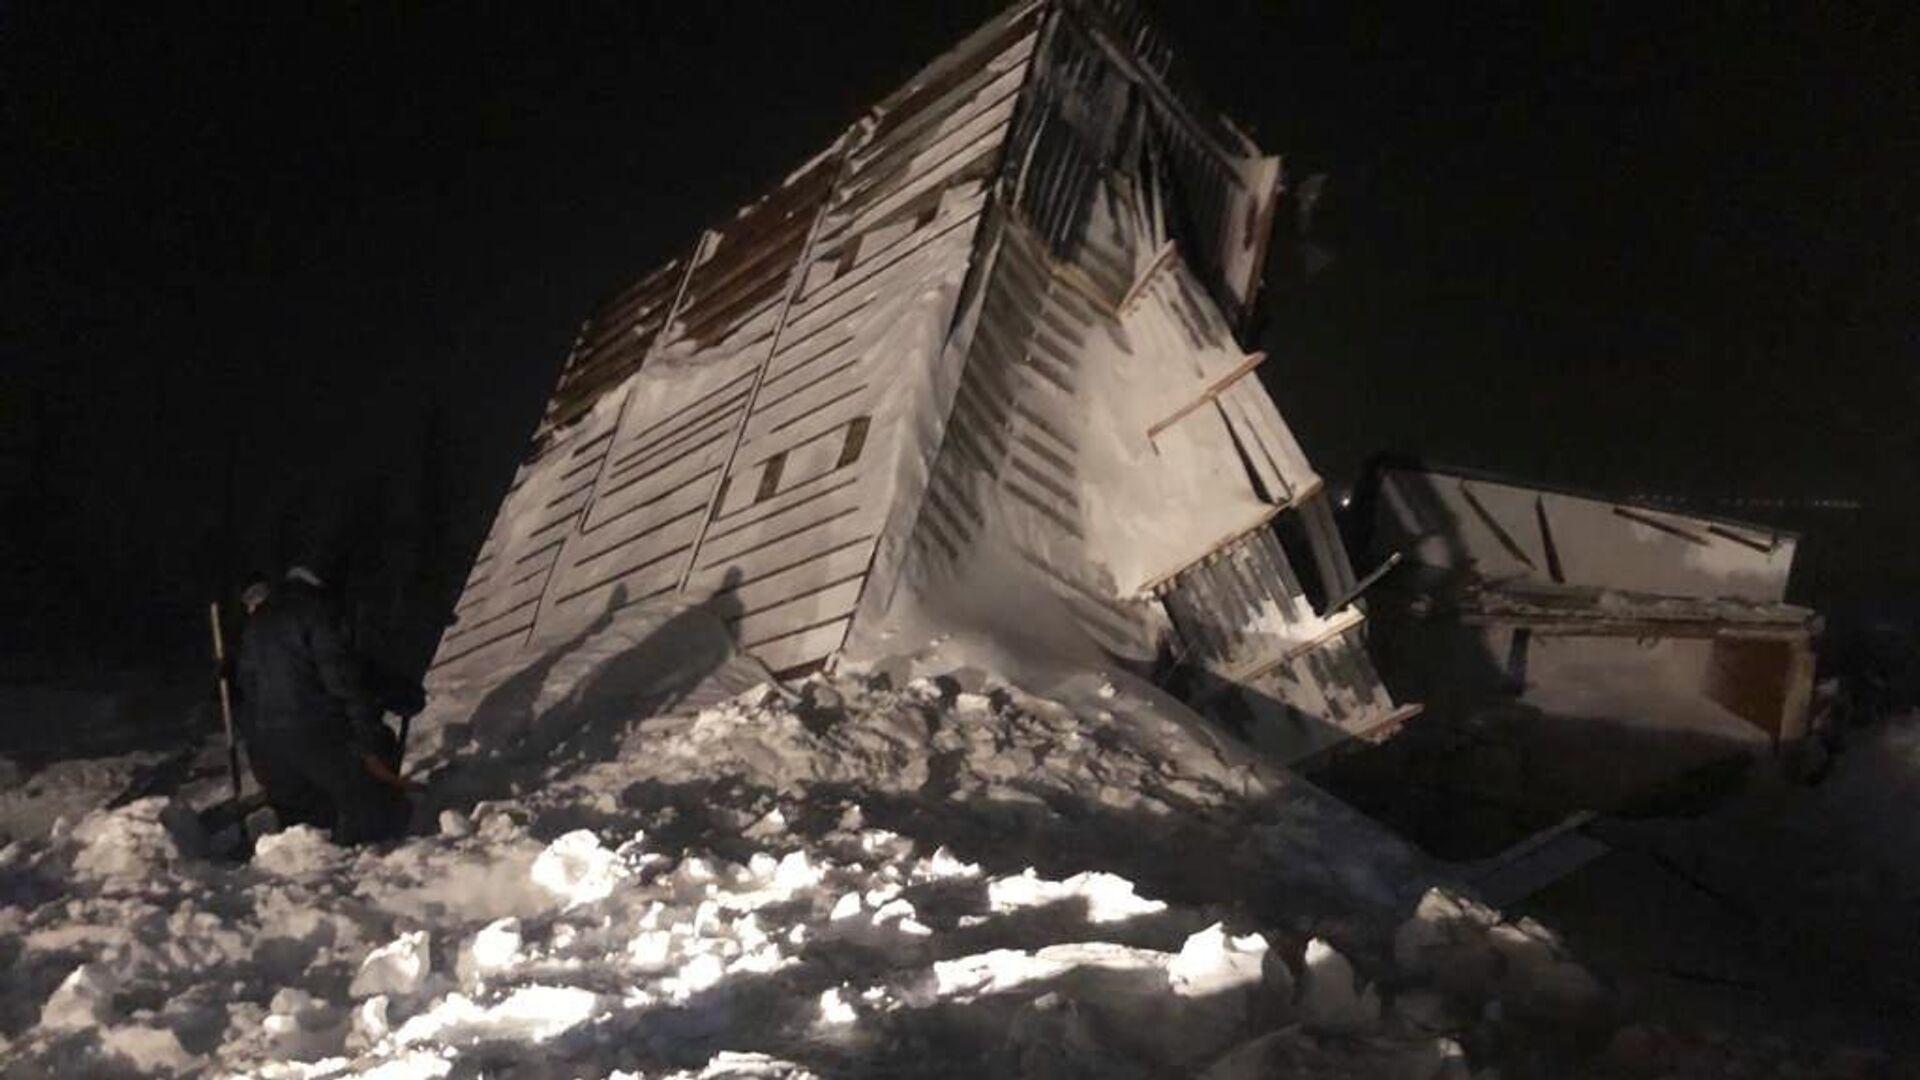 Дом, разрушенный в результате схода лавины в районе горнолыжного комплекса Гора Отдельная в Норильске - РИА Новости, 1920, 10.01.2021